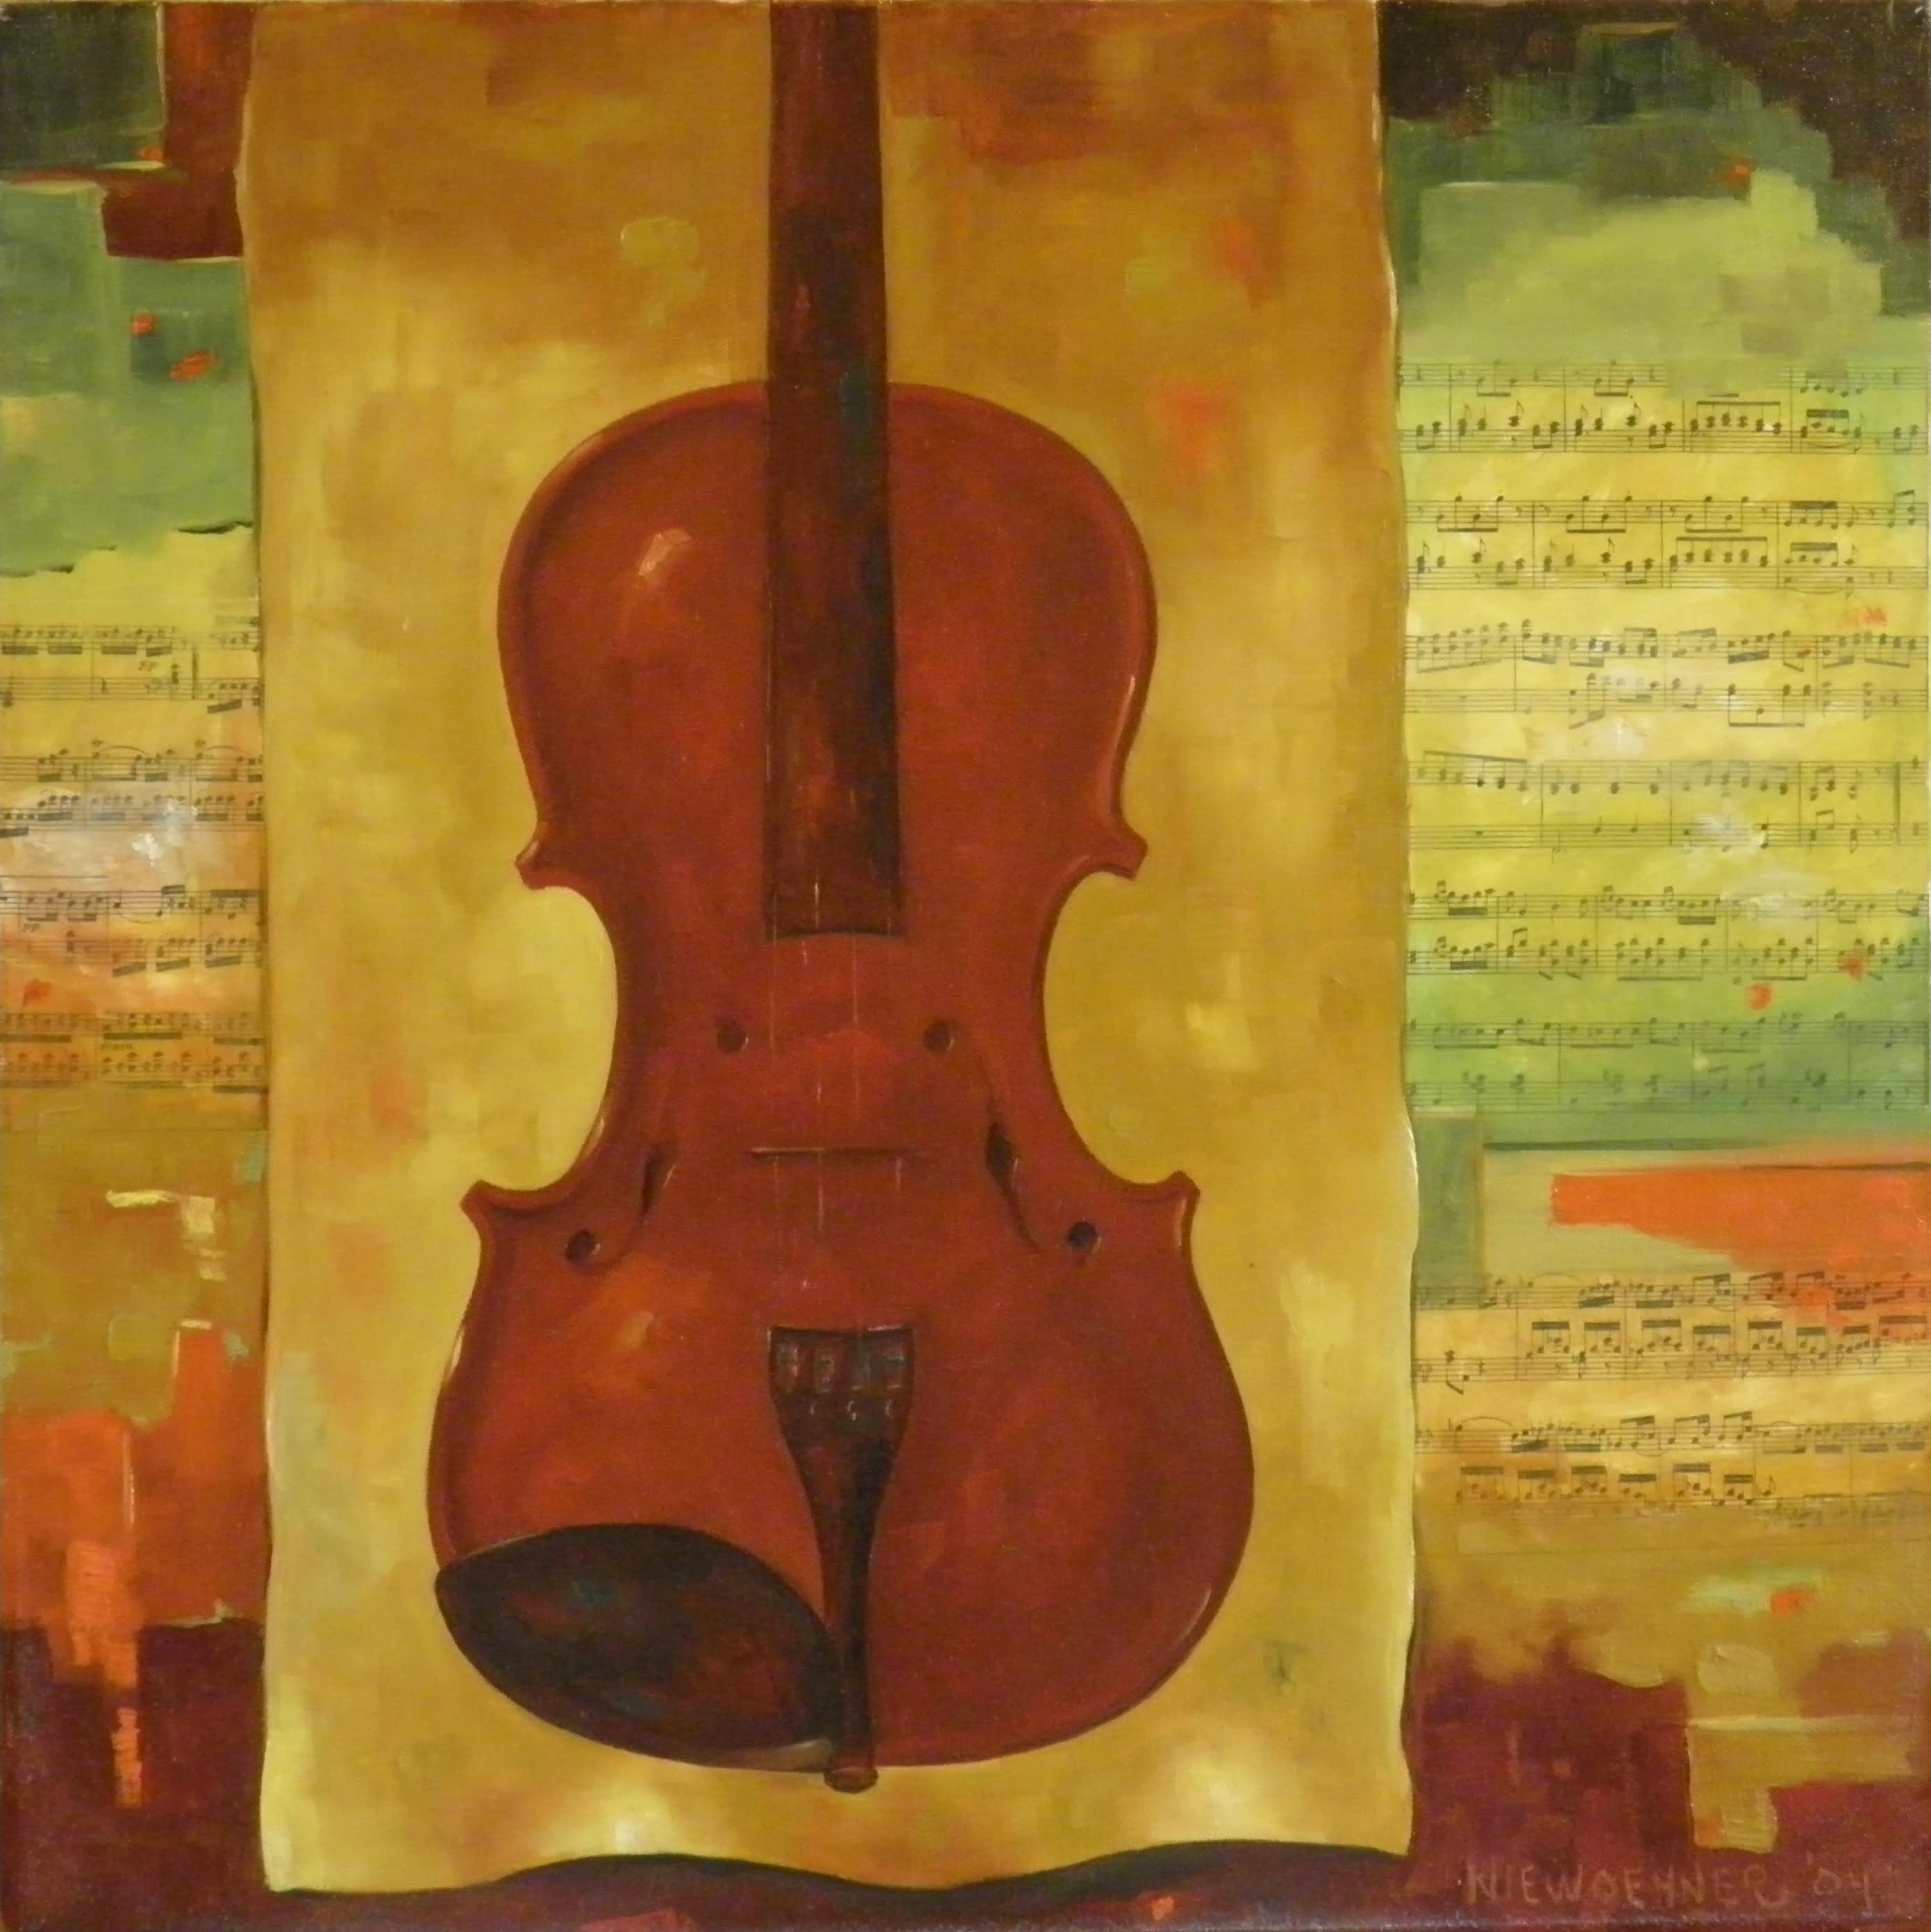 Jouissance du violon z4eob5